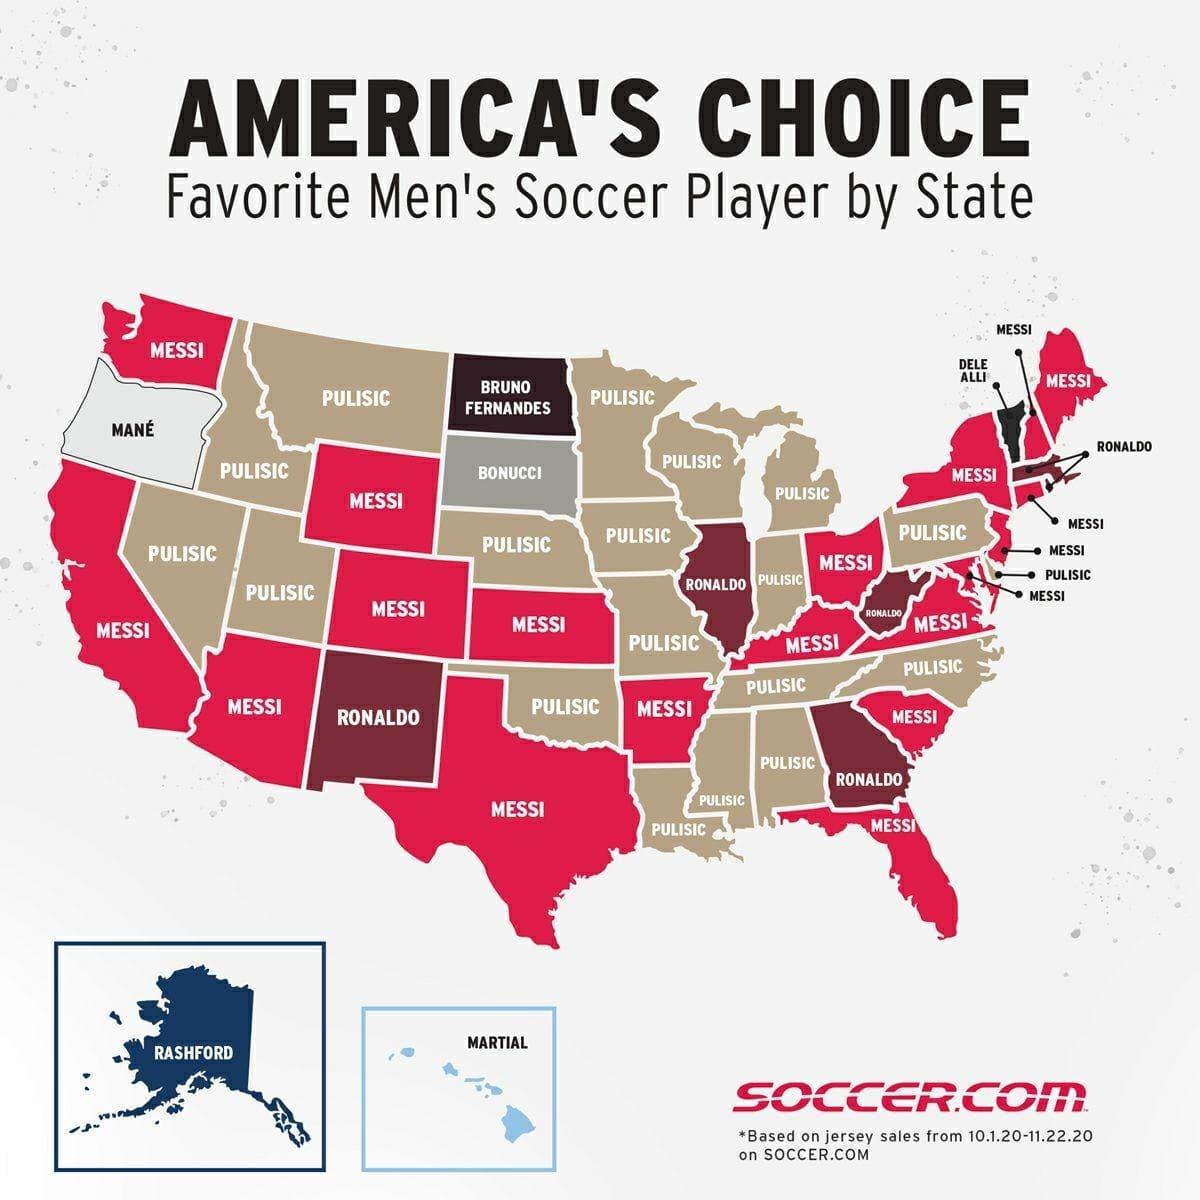 پرفروشترین پیراهنهای بازیکنان فوتبال در ایالات متحده